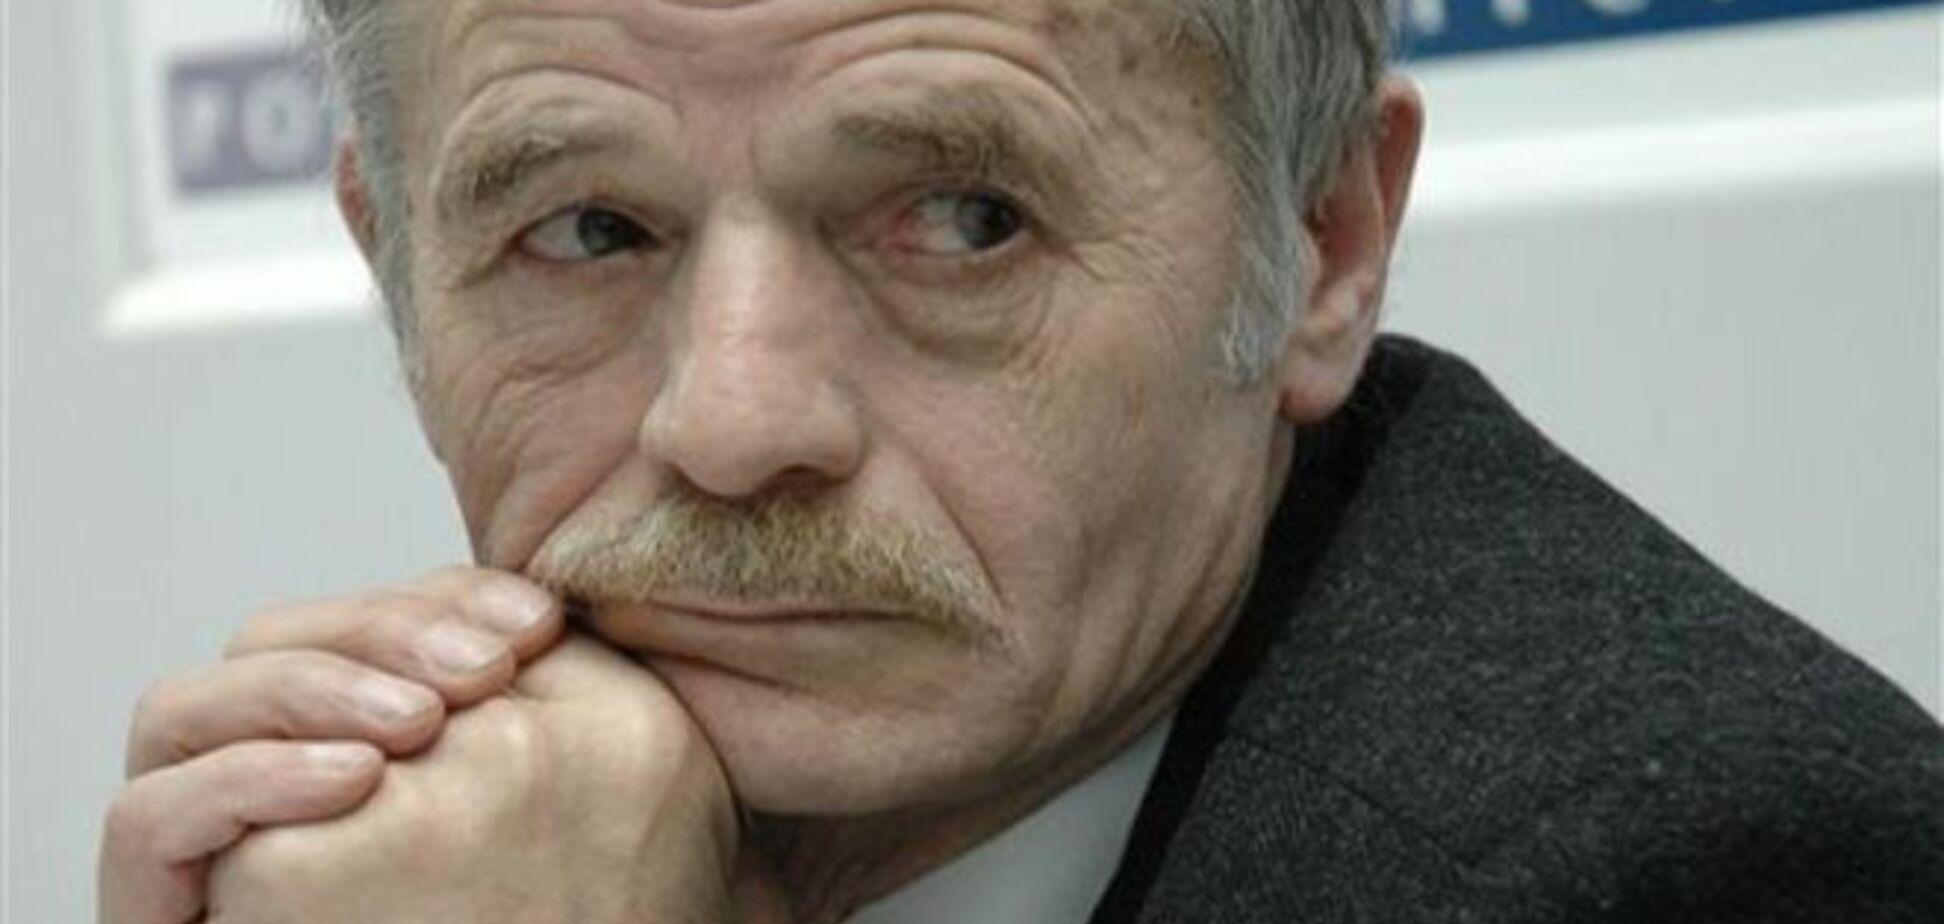 Когда год назад Совмин и парламент Крыма захватили 110 'зеленых человечков', Украина бездействовала – Джемилев